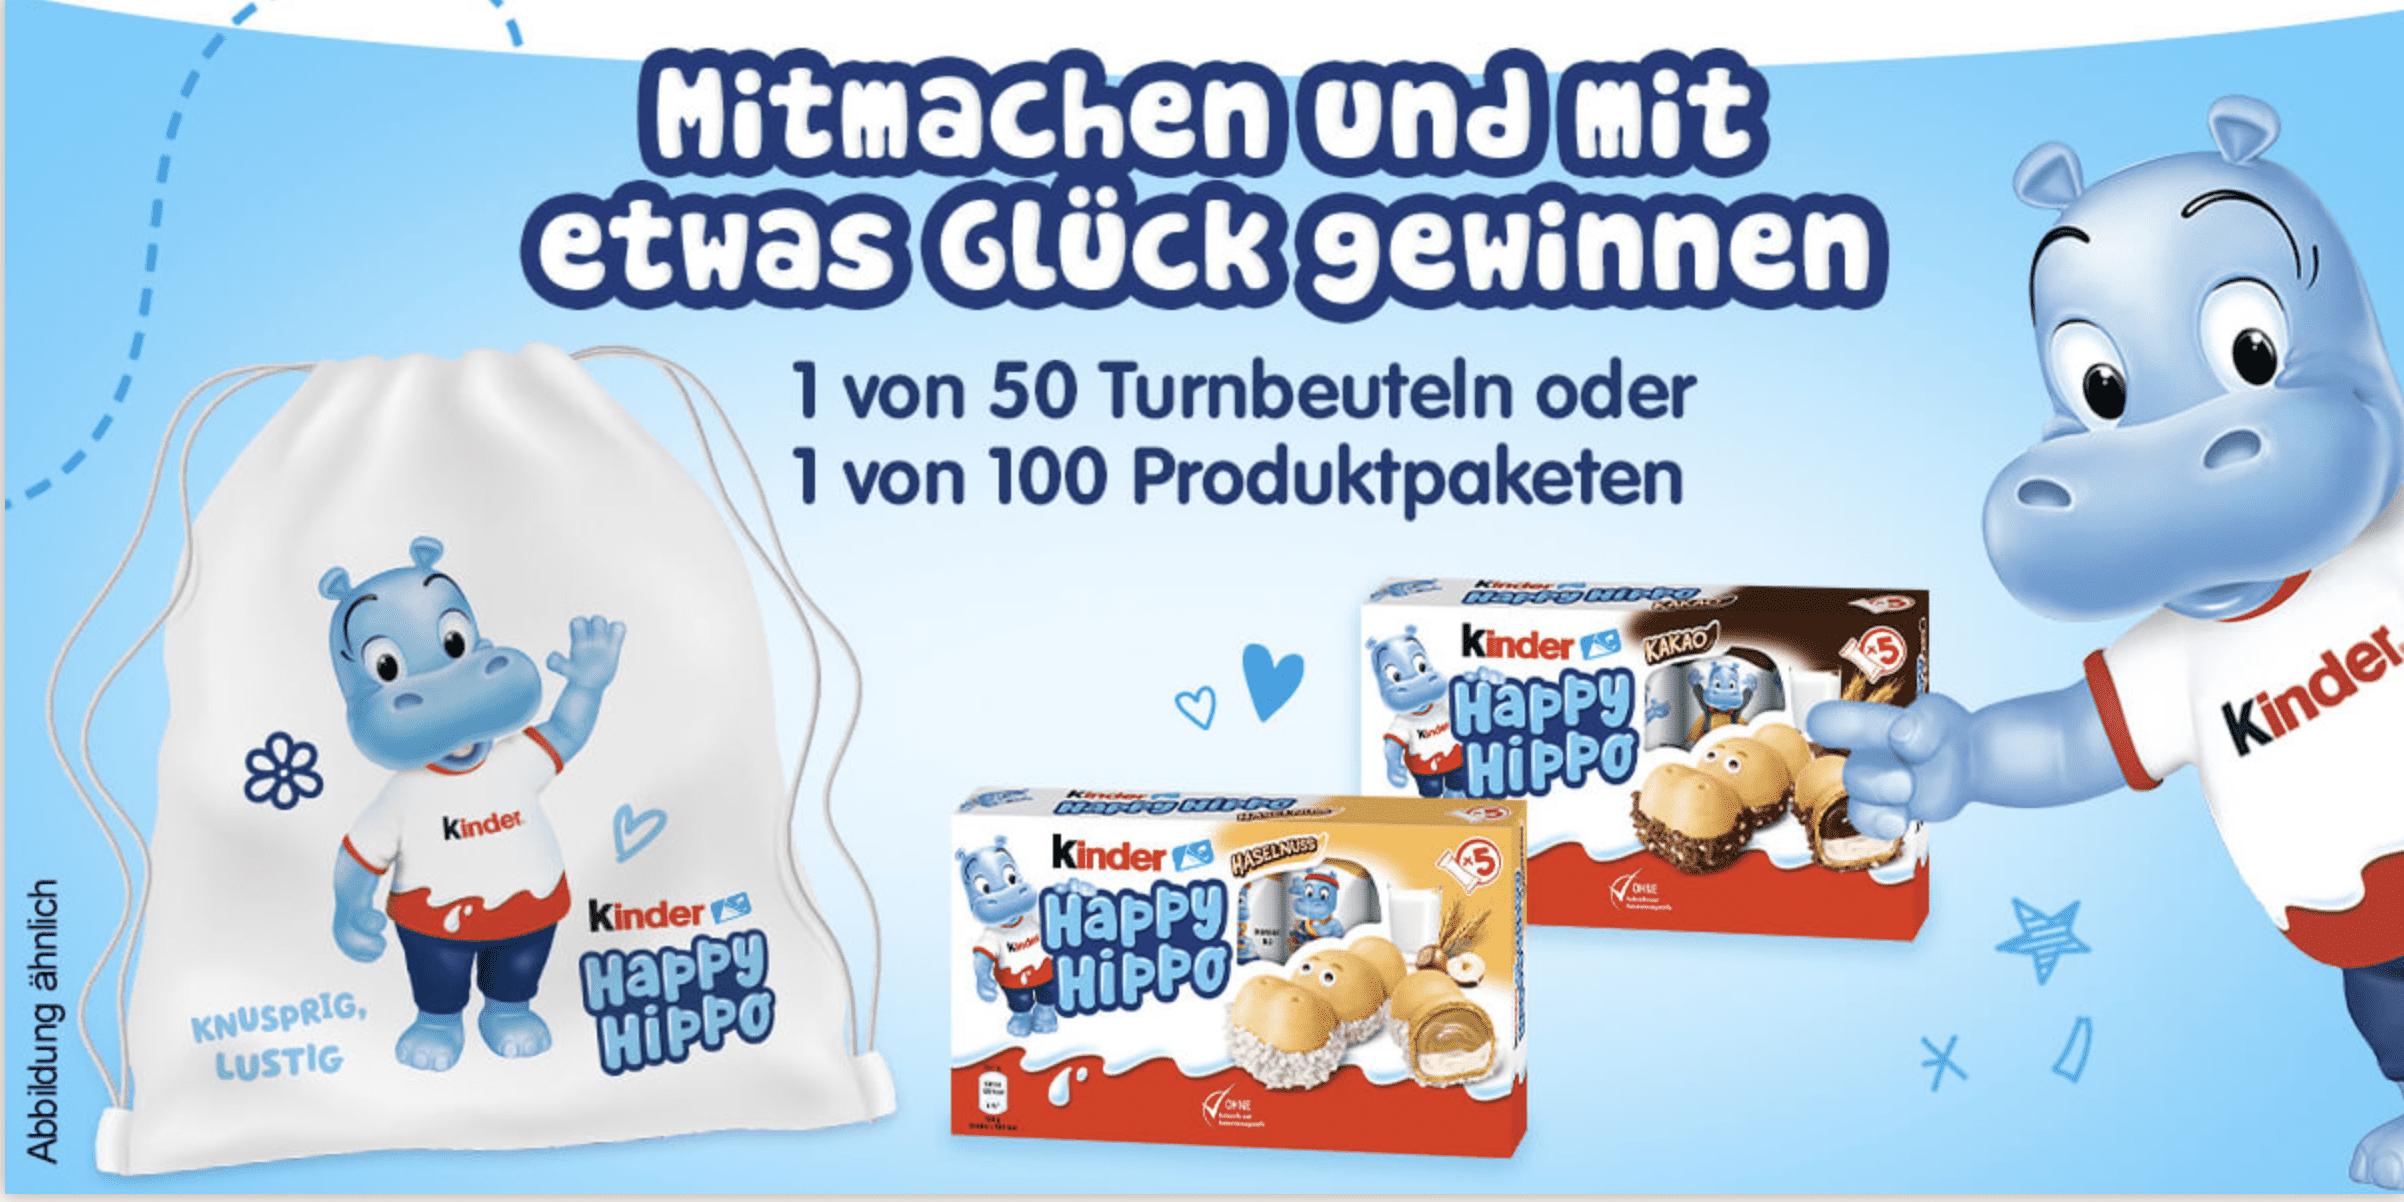 Gewinnspiel-Cases FMCG Süßwaren & Snacks Happy Hippe